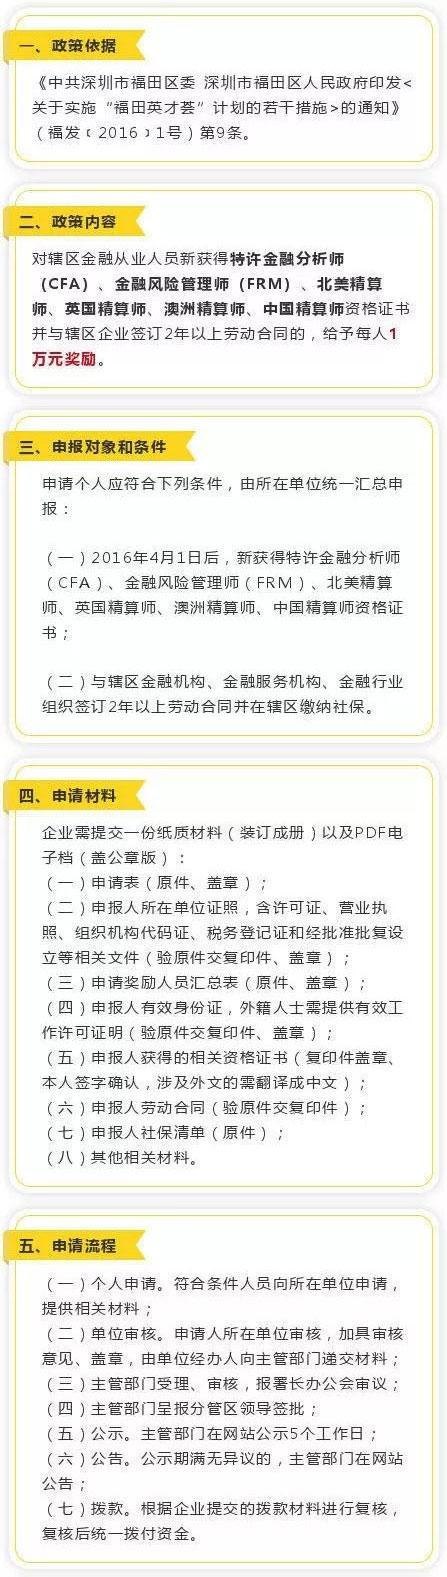 深圳给CFA持证人发放重磅奖励:10000元已到账!